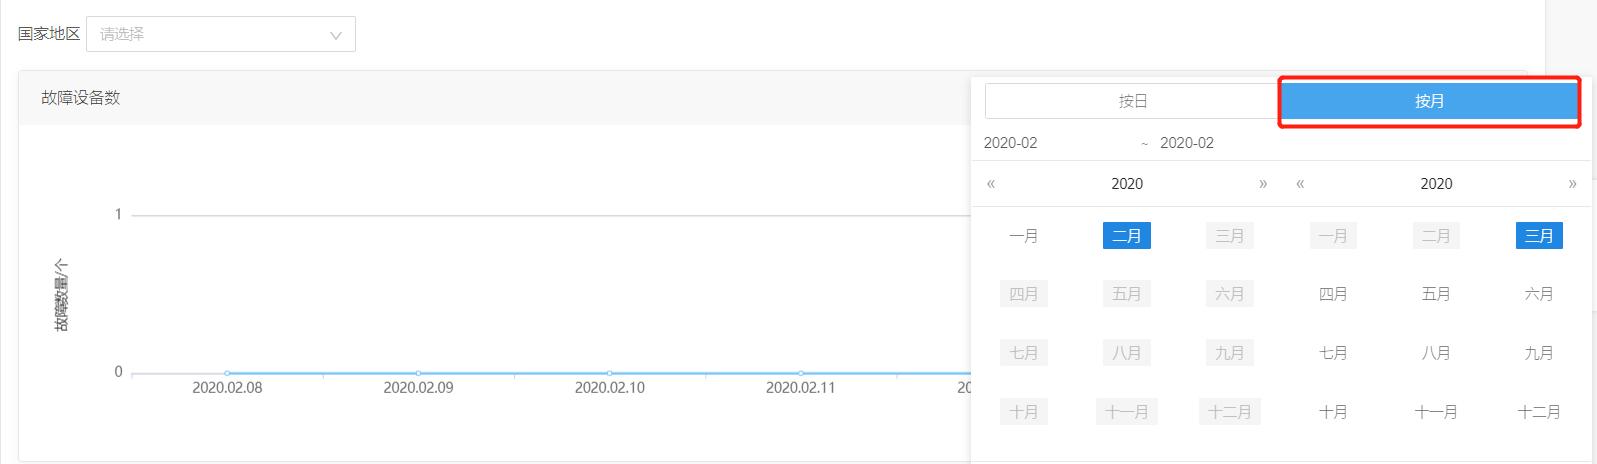 数据中心 V1.1 新增功能介绍